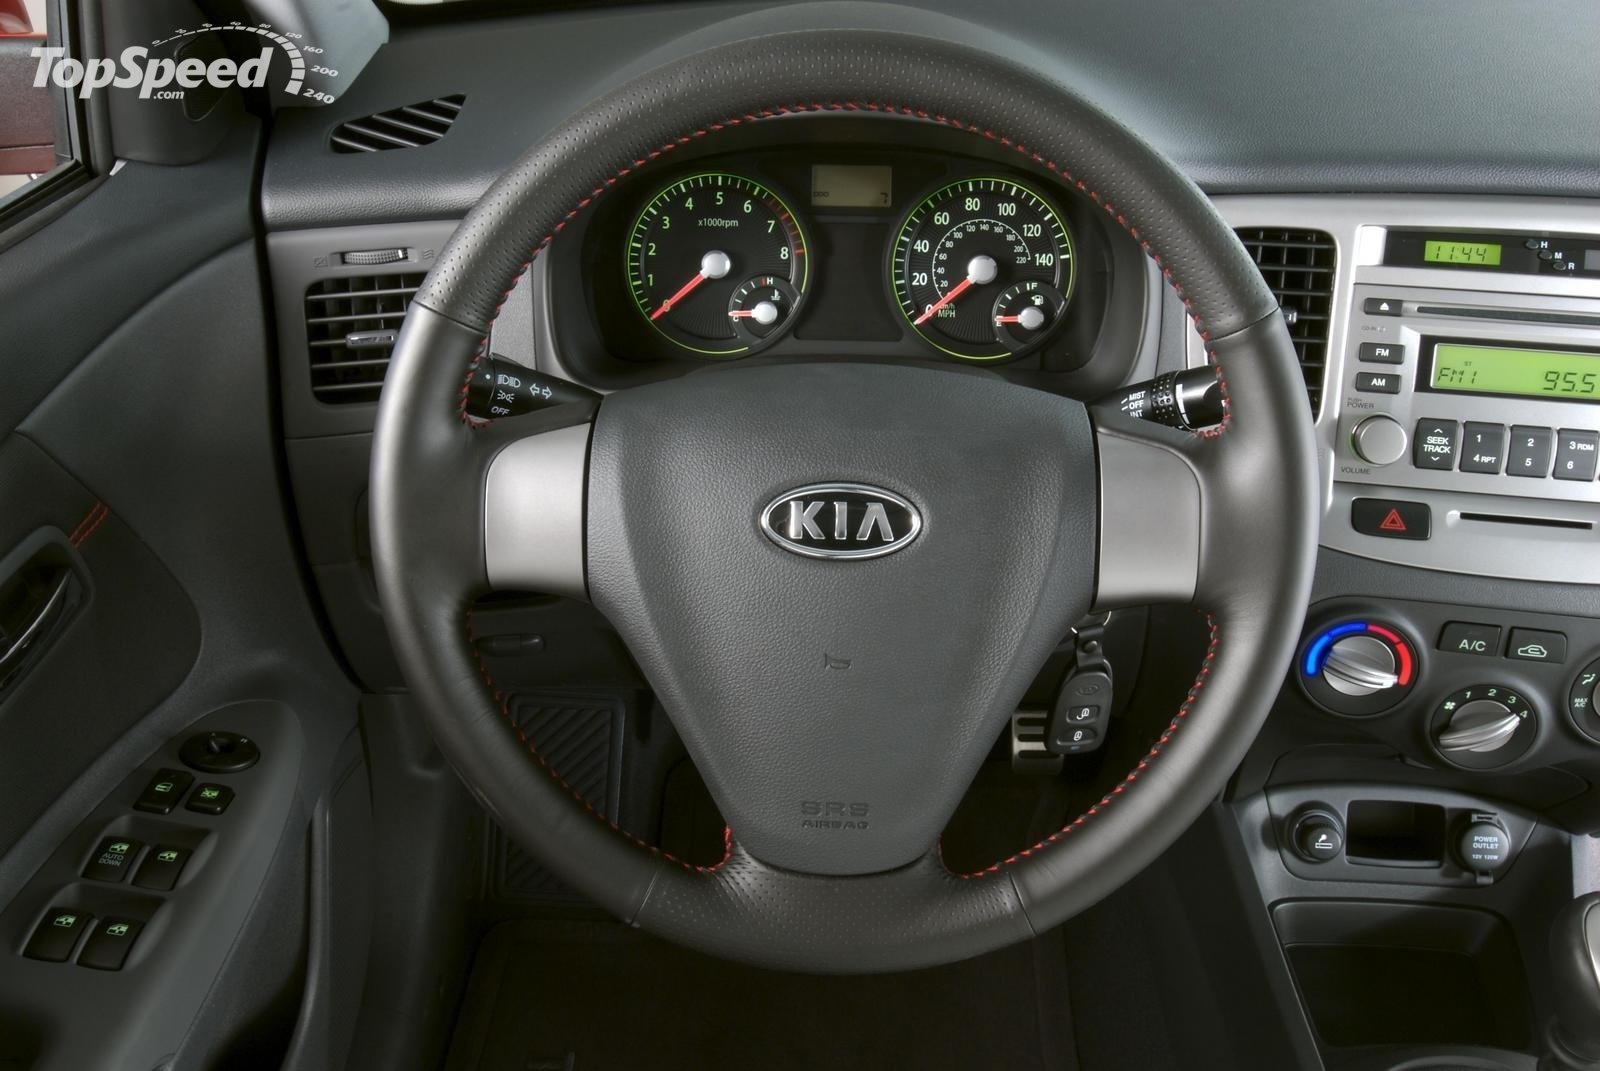 2007 kia rio image 21